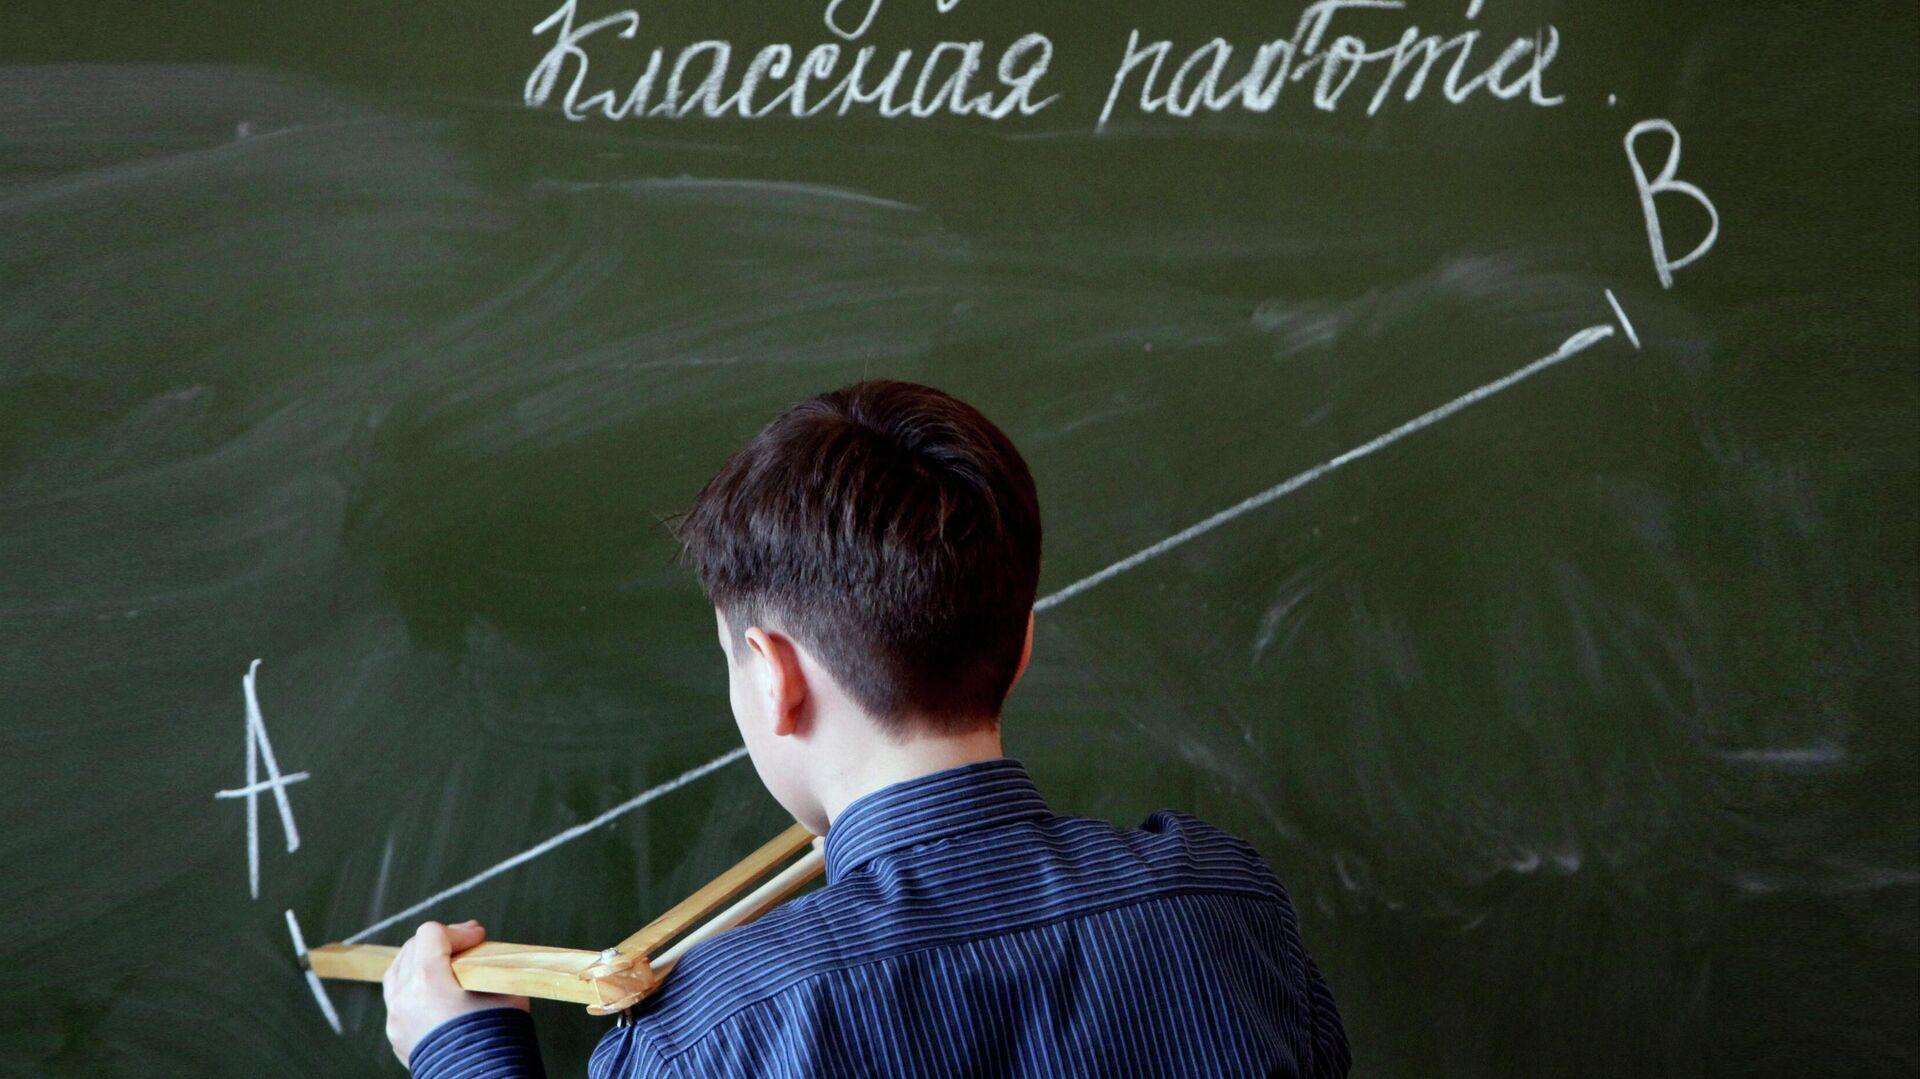 Ученик у доски - РИА Новости, 1920, 25.11.2020